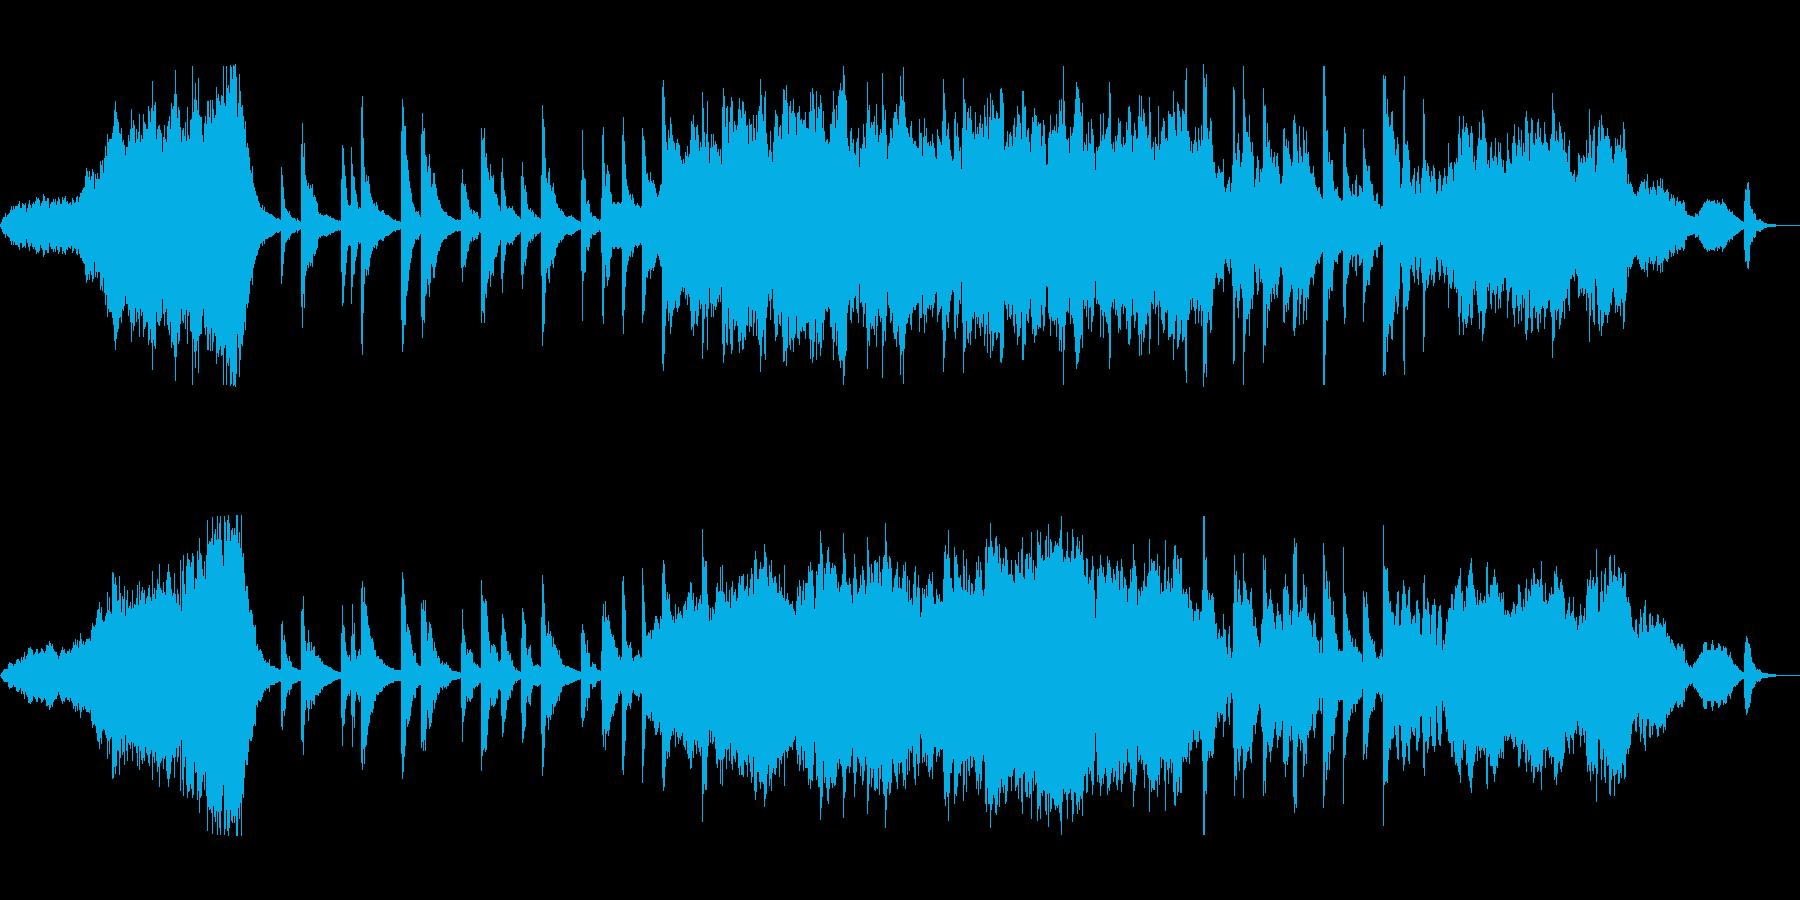 美しい日本の伝統音楽を思わせる曲の再生済みの波形